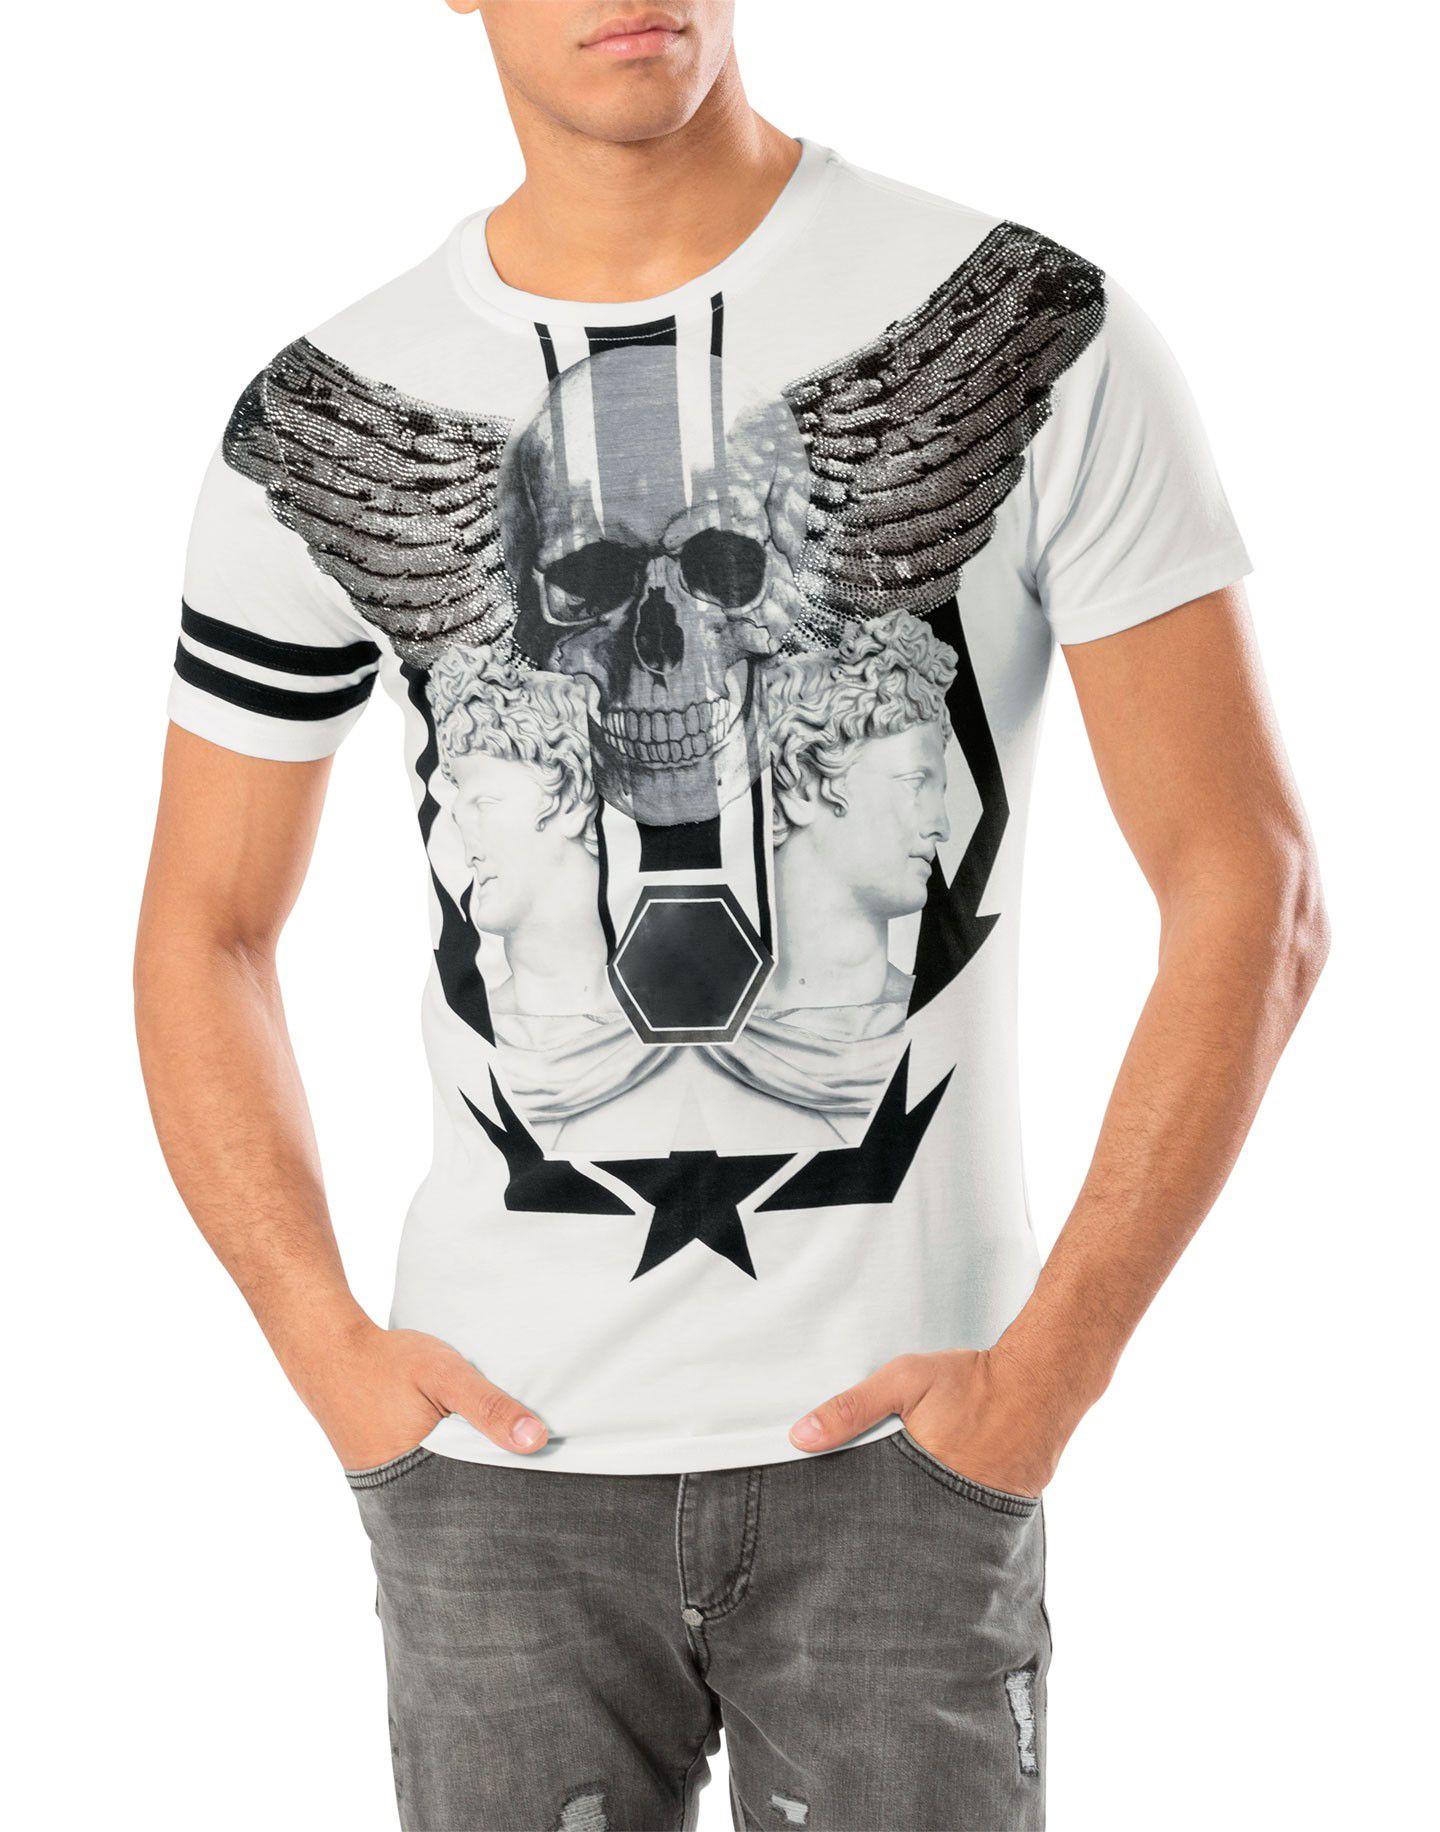 Erkekler T-shirt Rhinestone Kafatası Baskılı Grafik Tops Tees Rahat T Gömlek Homme Crewneck Kısa Kollu Erkekler Için Tişört Marka Giyim